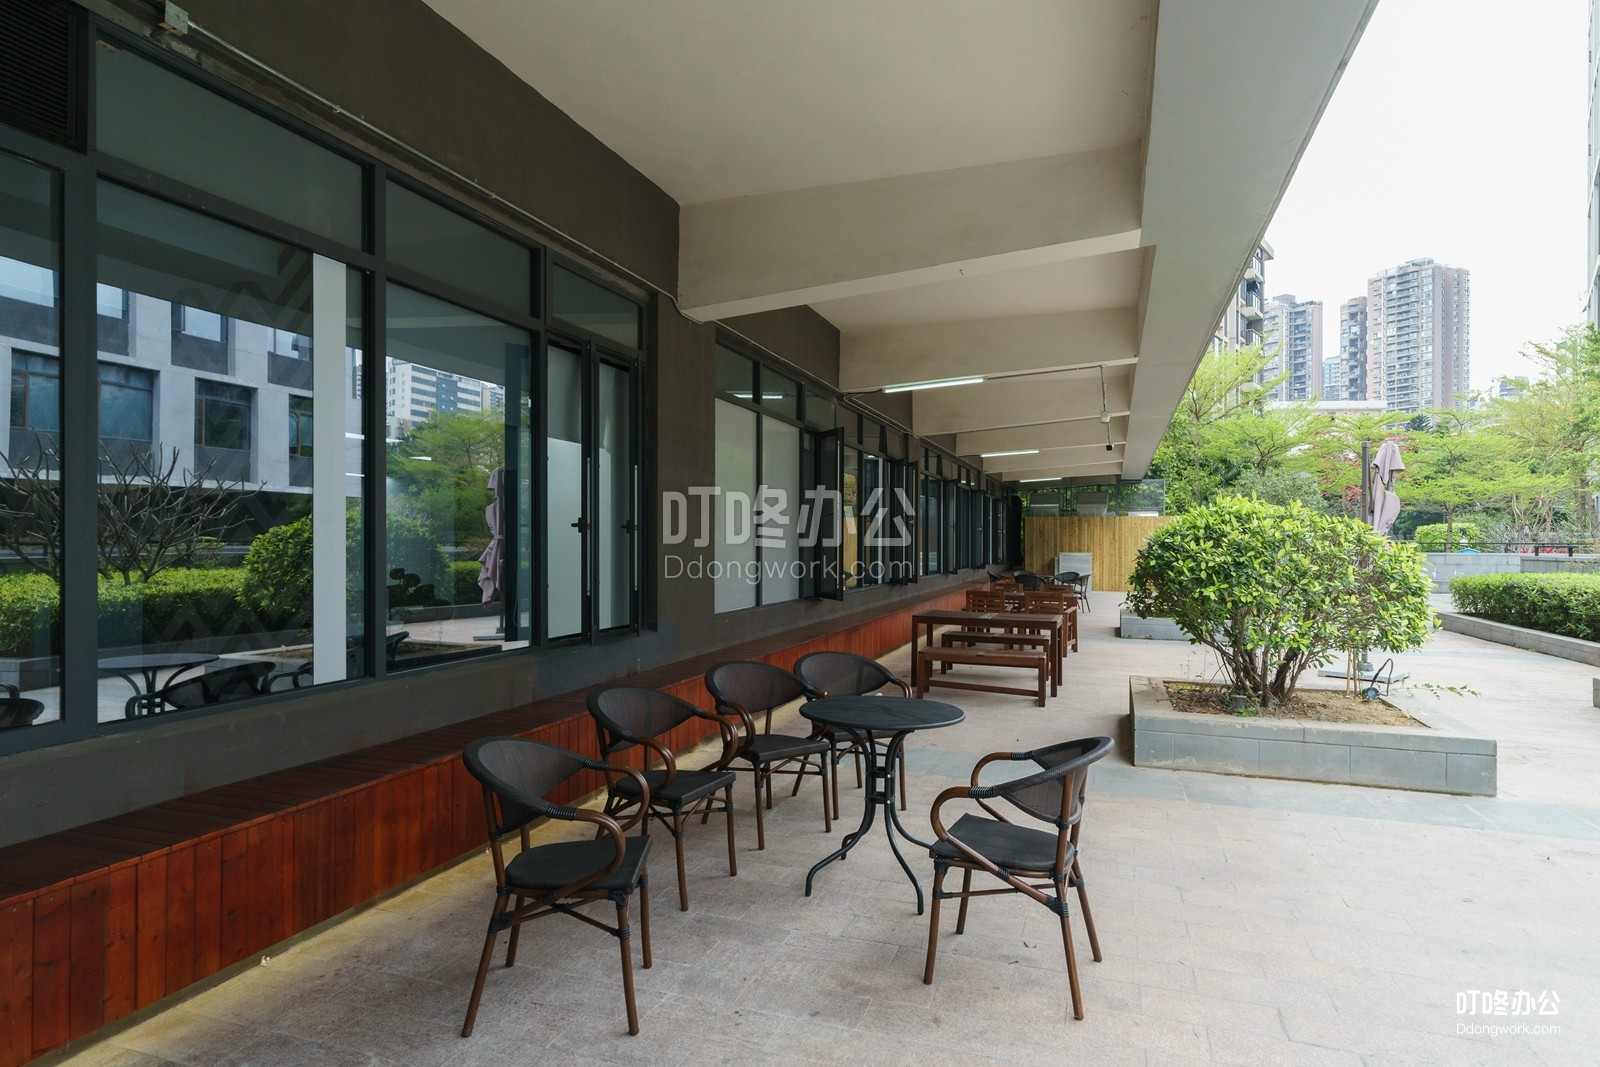 深圳数码大厦•优客工场公共区域